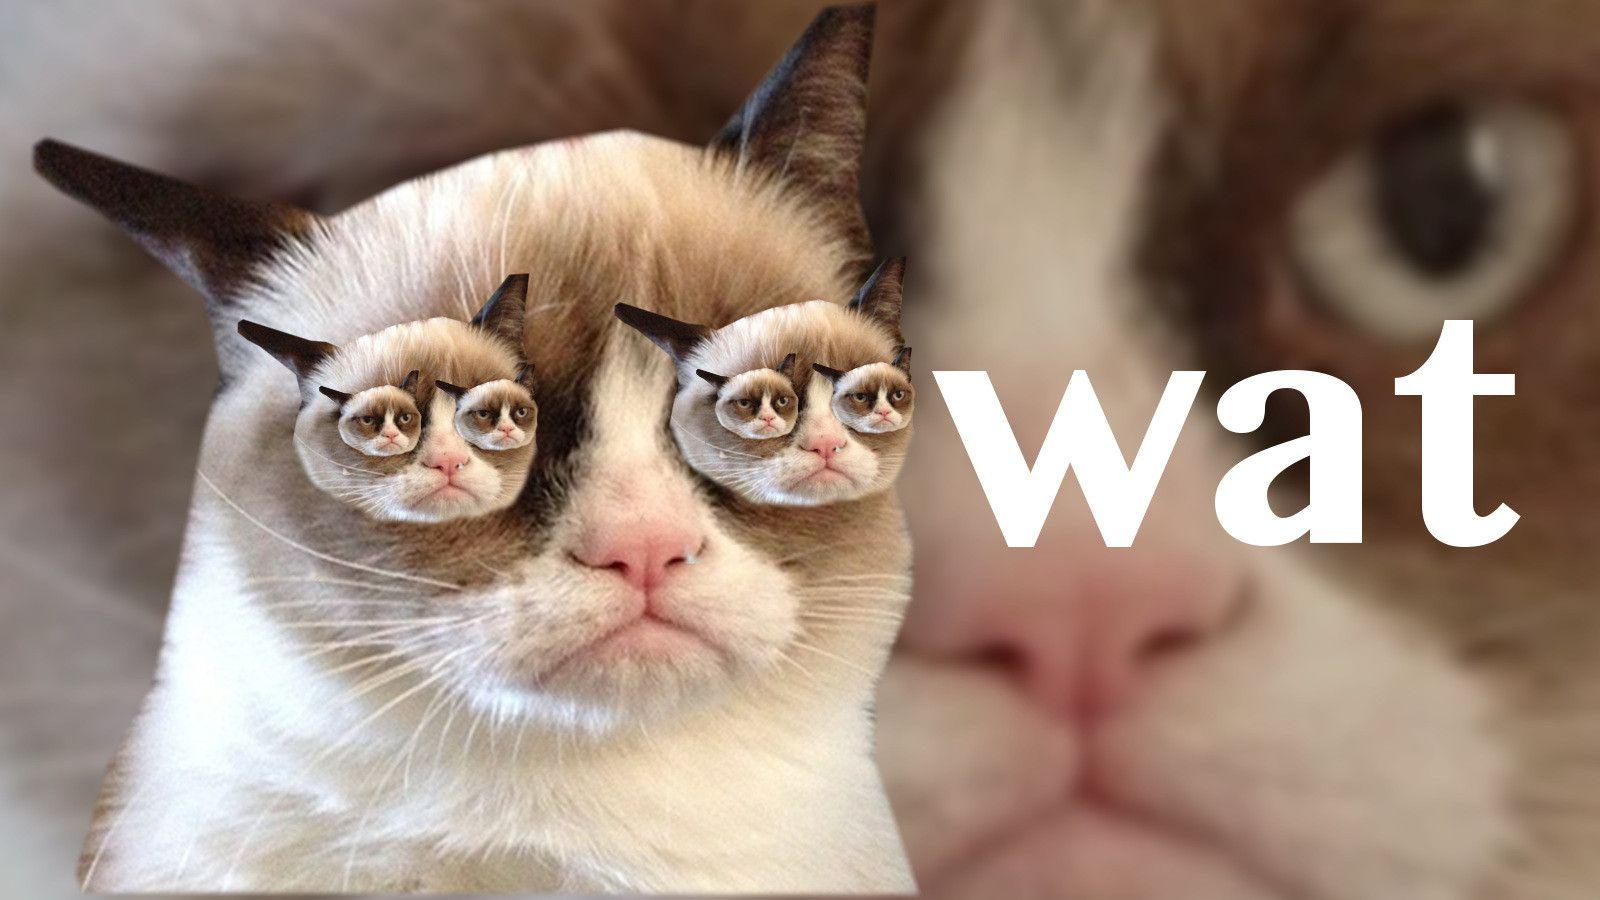 Pusheen Wallpaper Pusheen cute, Pusheen cat, Cute wallpapers